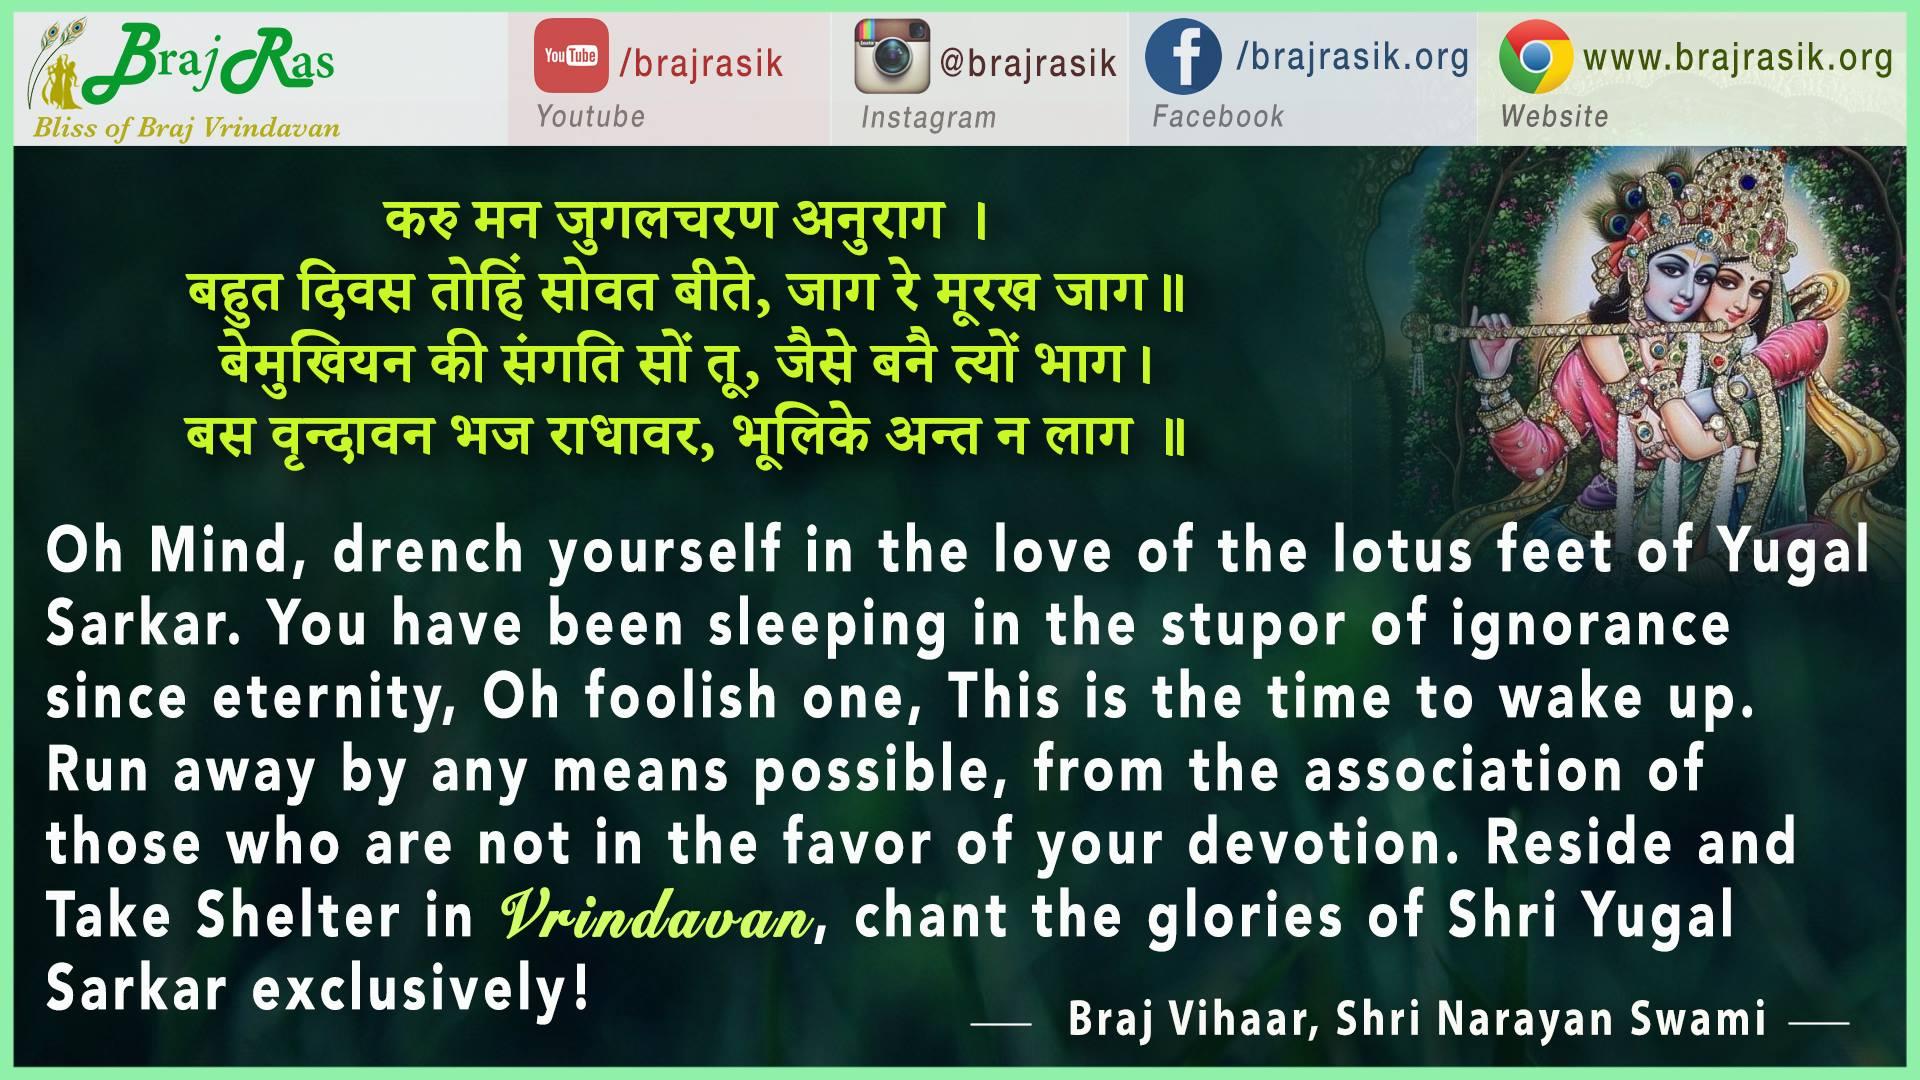 Karu Mana Yugal Charan Anurag - Shri Narayan Swami, Braj Vihaar